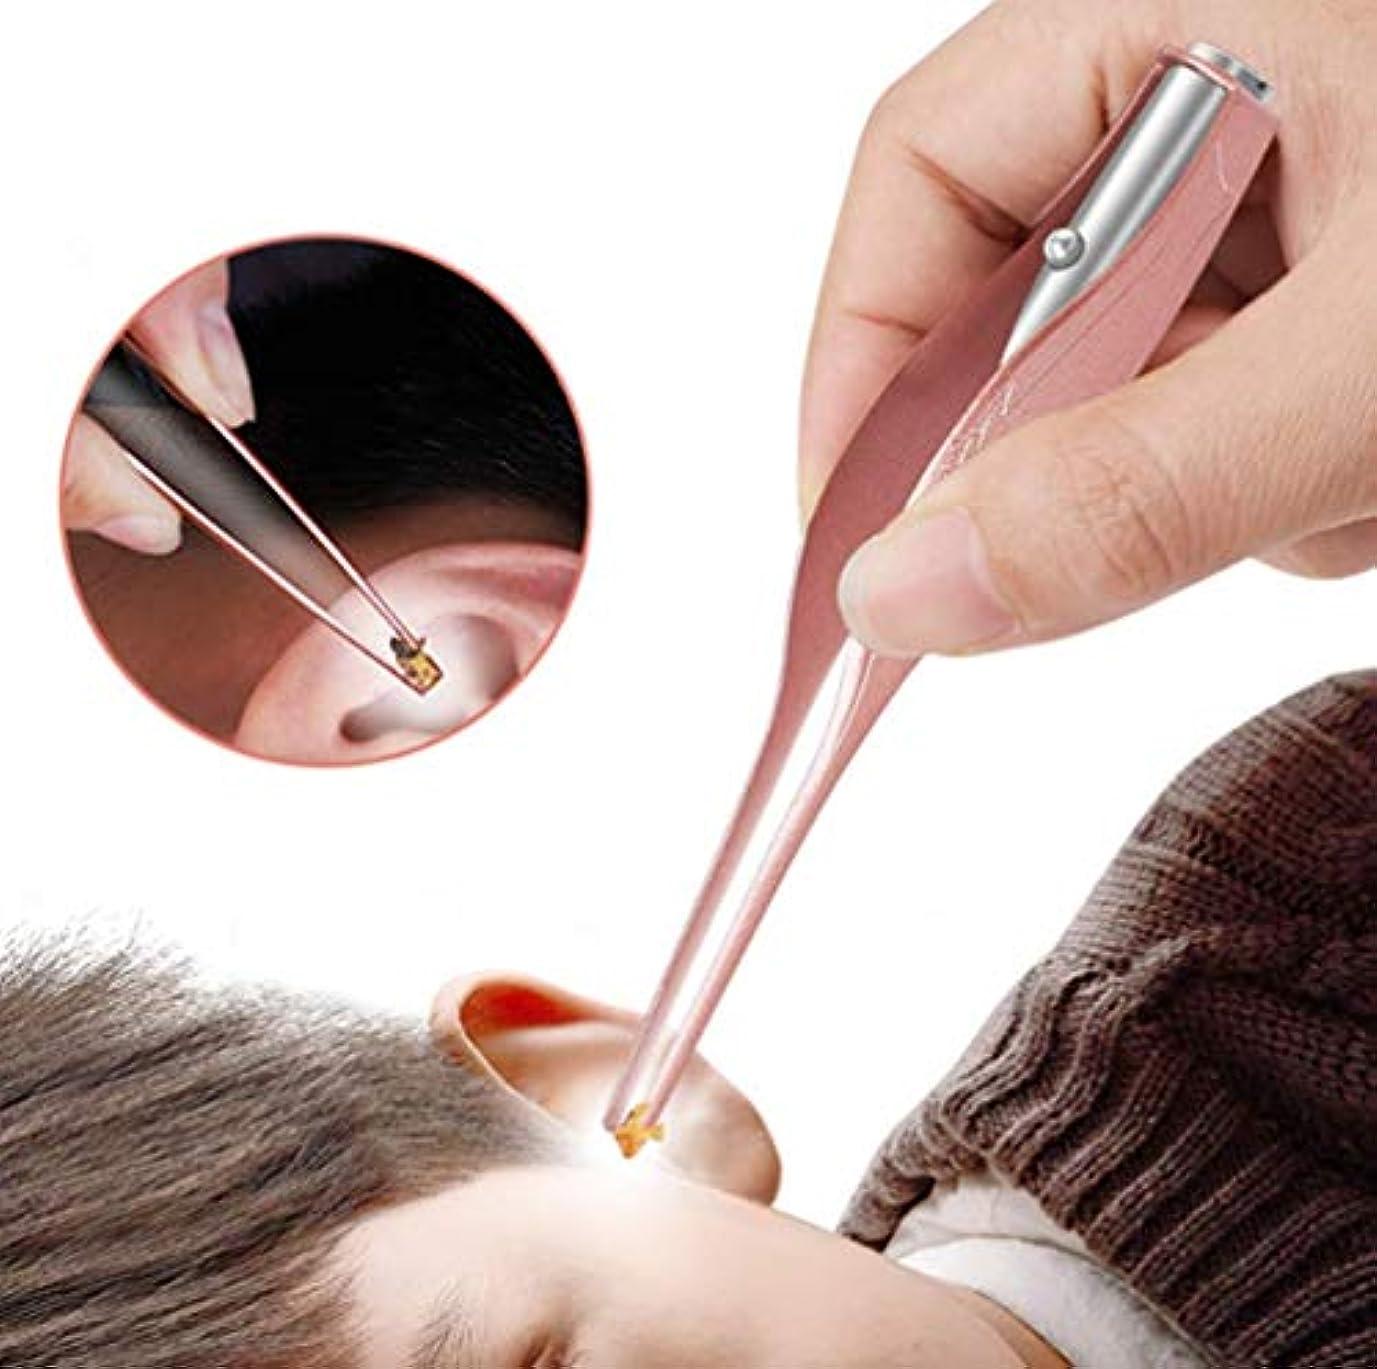 正しく追放する予防接種耳かき ピンセット LEDライト付き 耳掃除 子供用 極細先端 ステンレス製 ピンセットタイプ ミミ光棒 はっきり見える 電池付き (ローズゴールド)